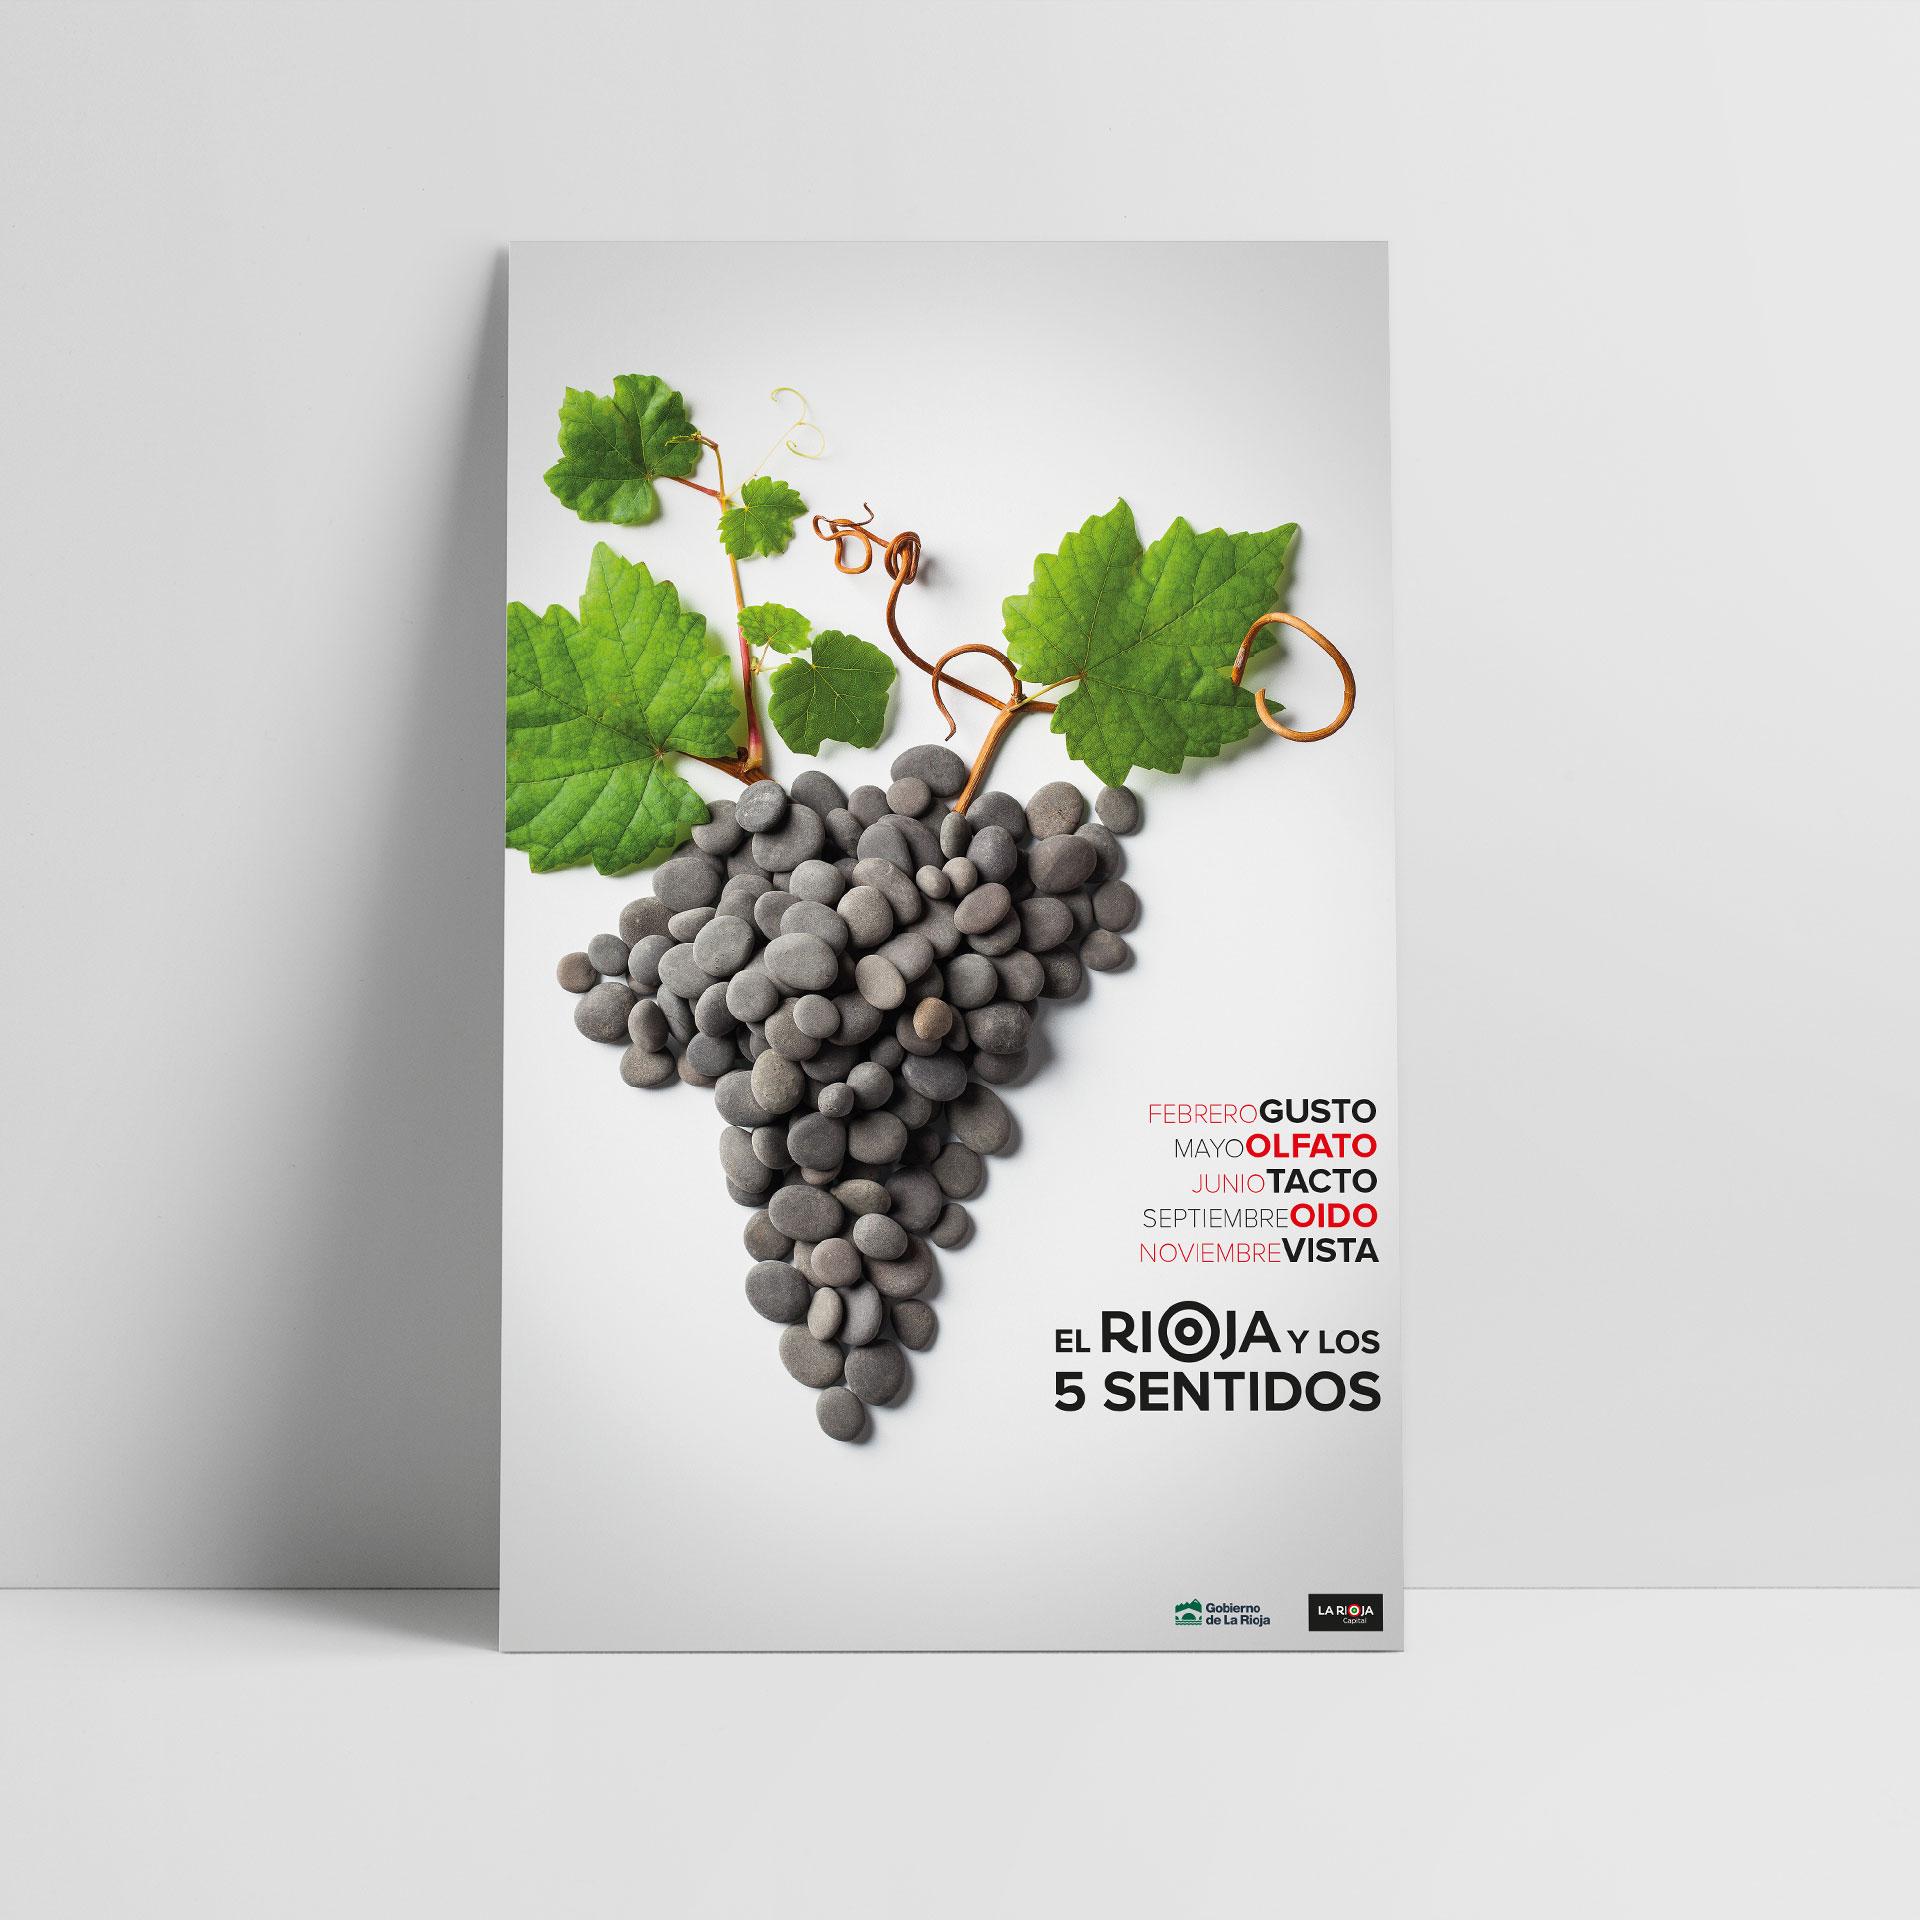 Diseño cartel el rioja y los 5 sentidos genérico 2017